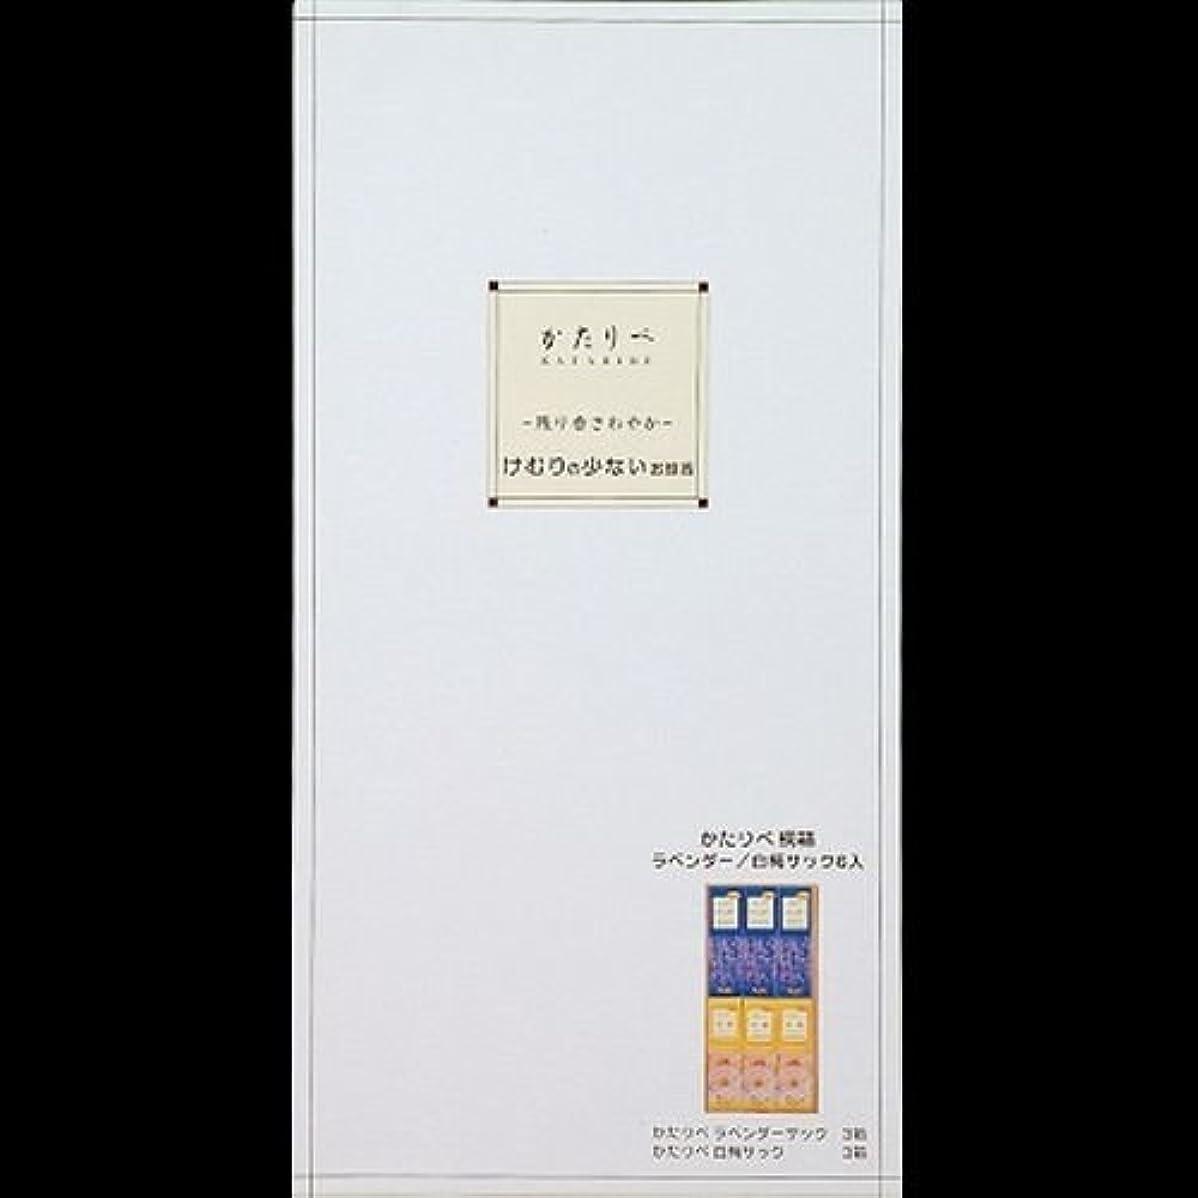 伝統ためらう研磨剤【まとめ買い】かたりべ 桐箱 ラベンダー?白梅 サック6入 ×2セット